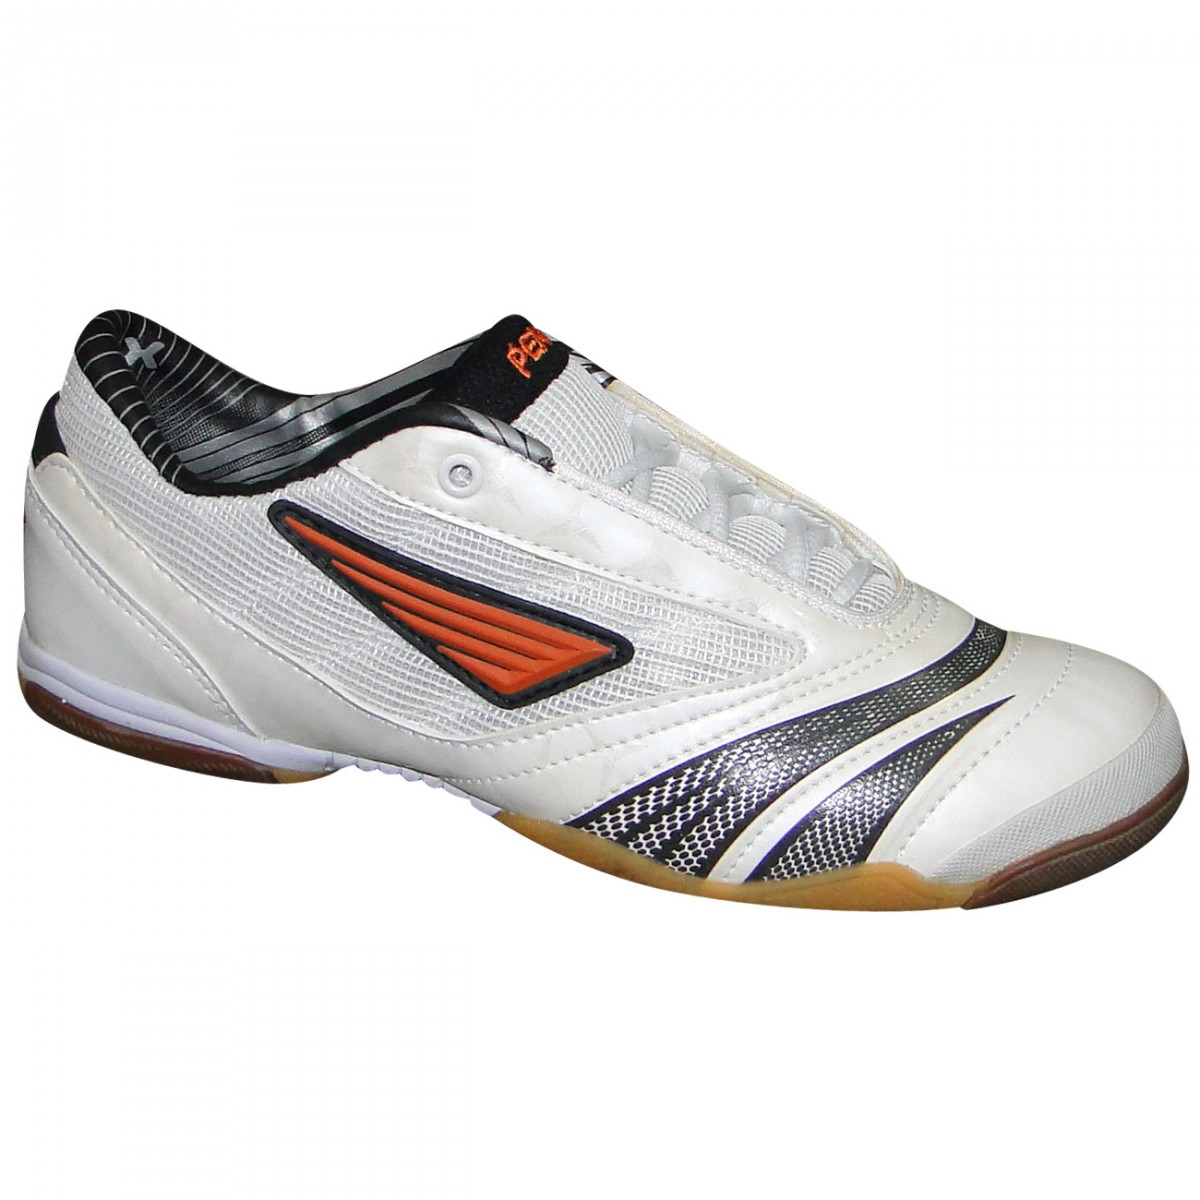 eaae069b84972 Tênis Penalty Max Viento 3185 - BRANCO PRETO LARANJA - Chuteira Nike